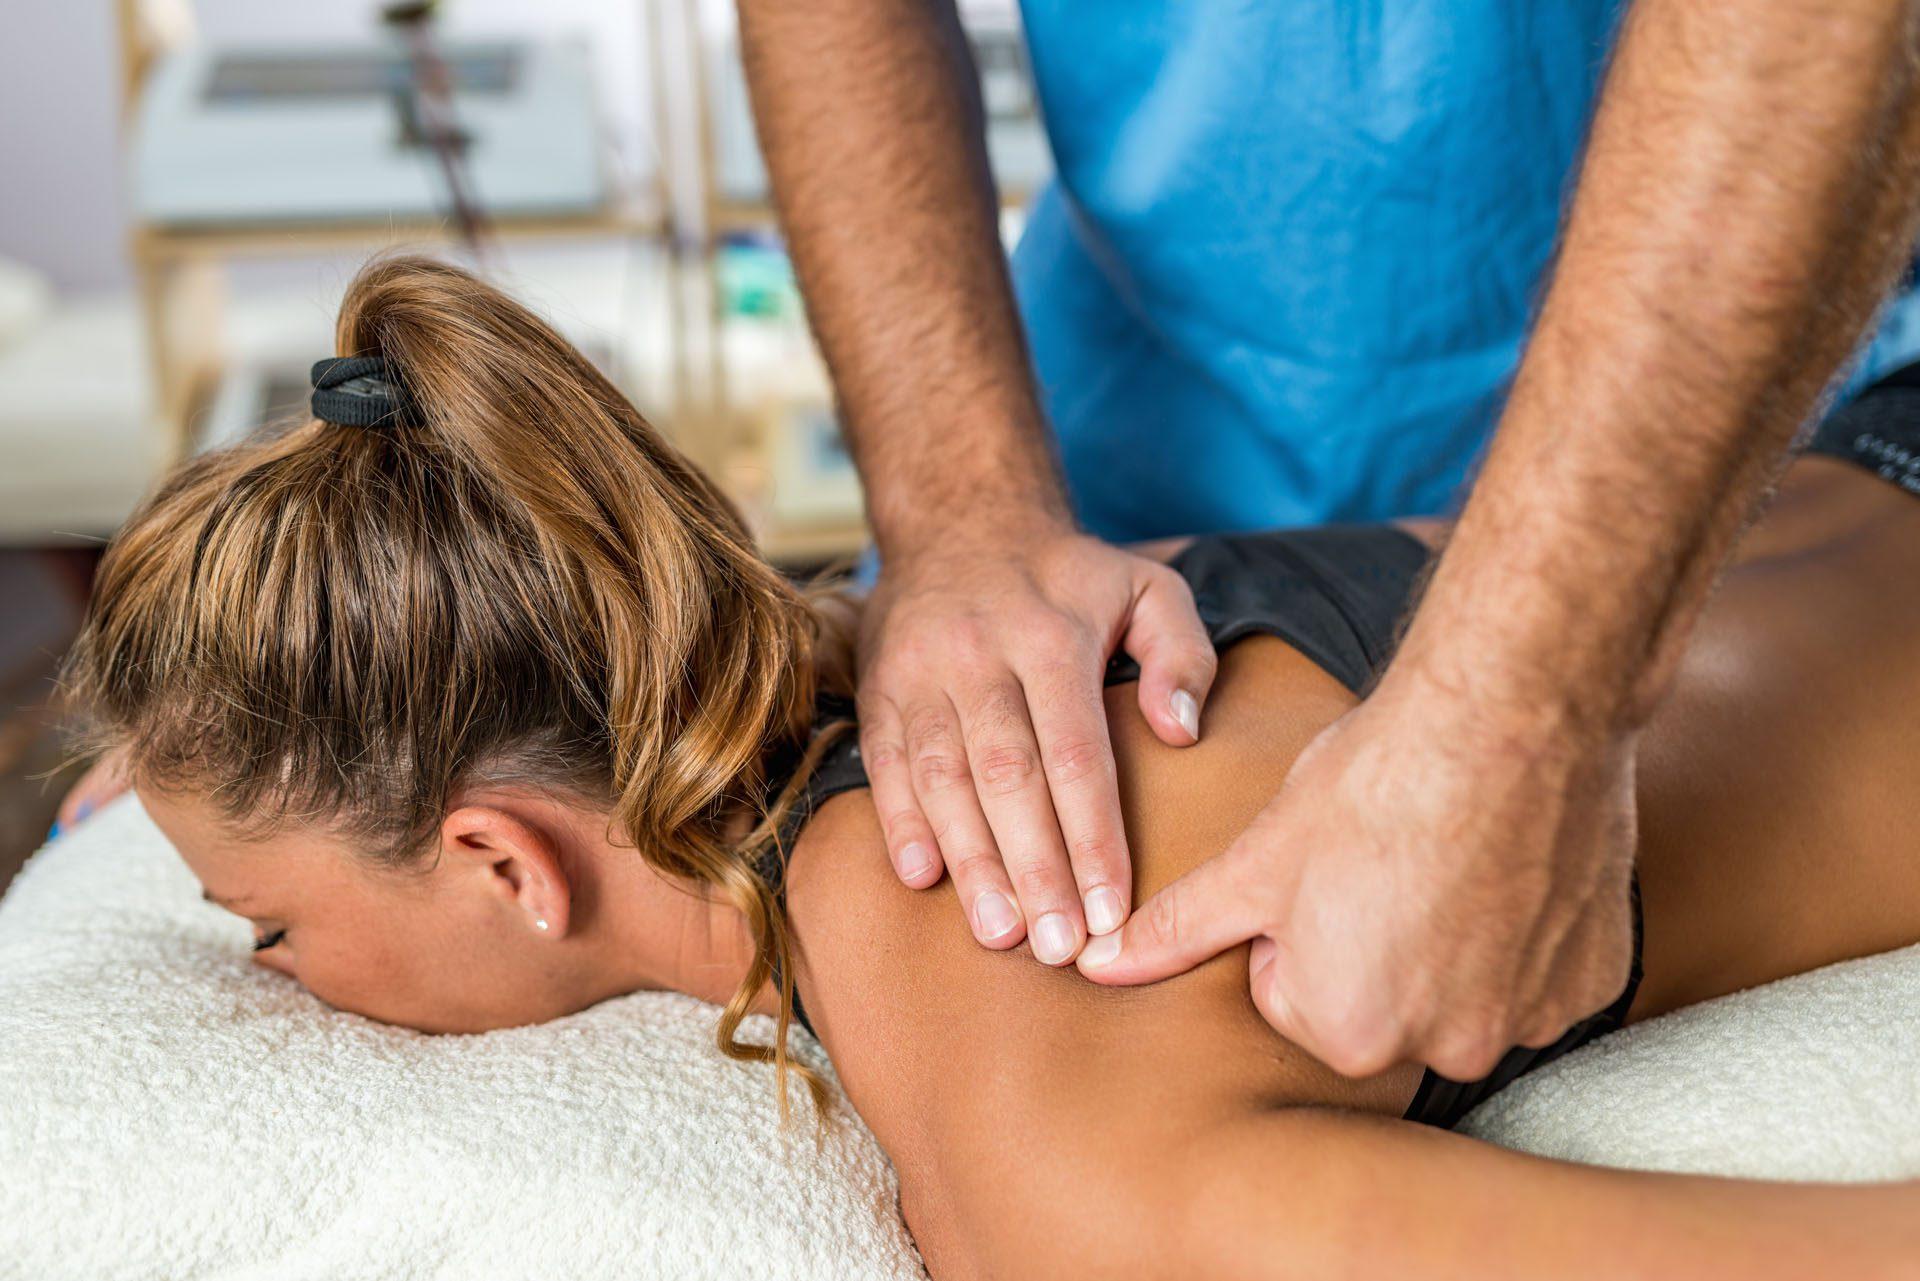 11860 Vista Del Sol, Ste. 128 Che cos'è la sindrome del dolore miofasciale e come può aiutare la chiropratica? El Paso, TX.